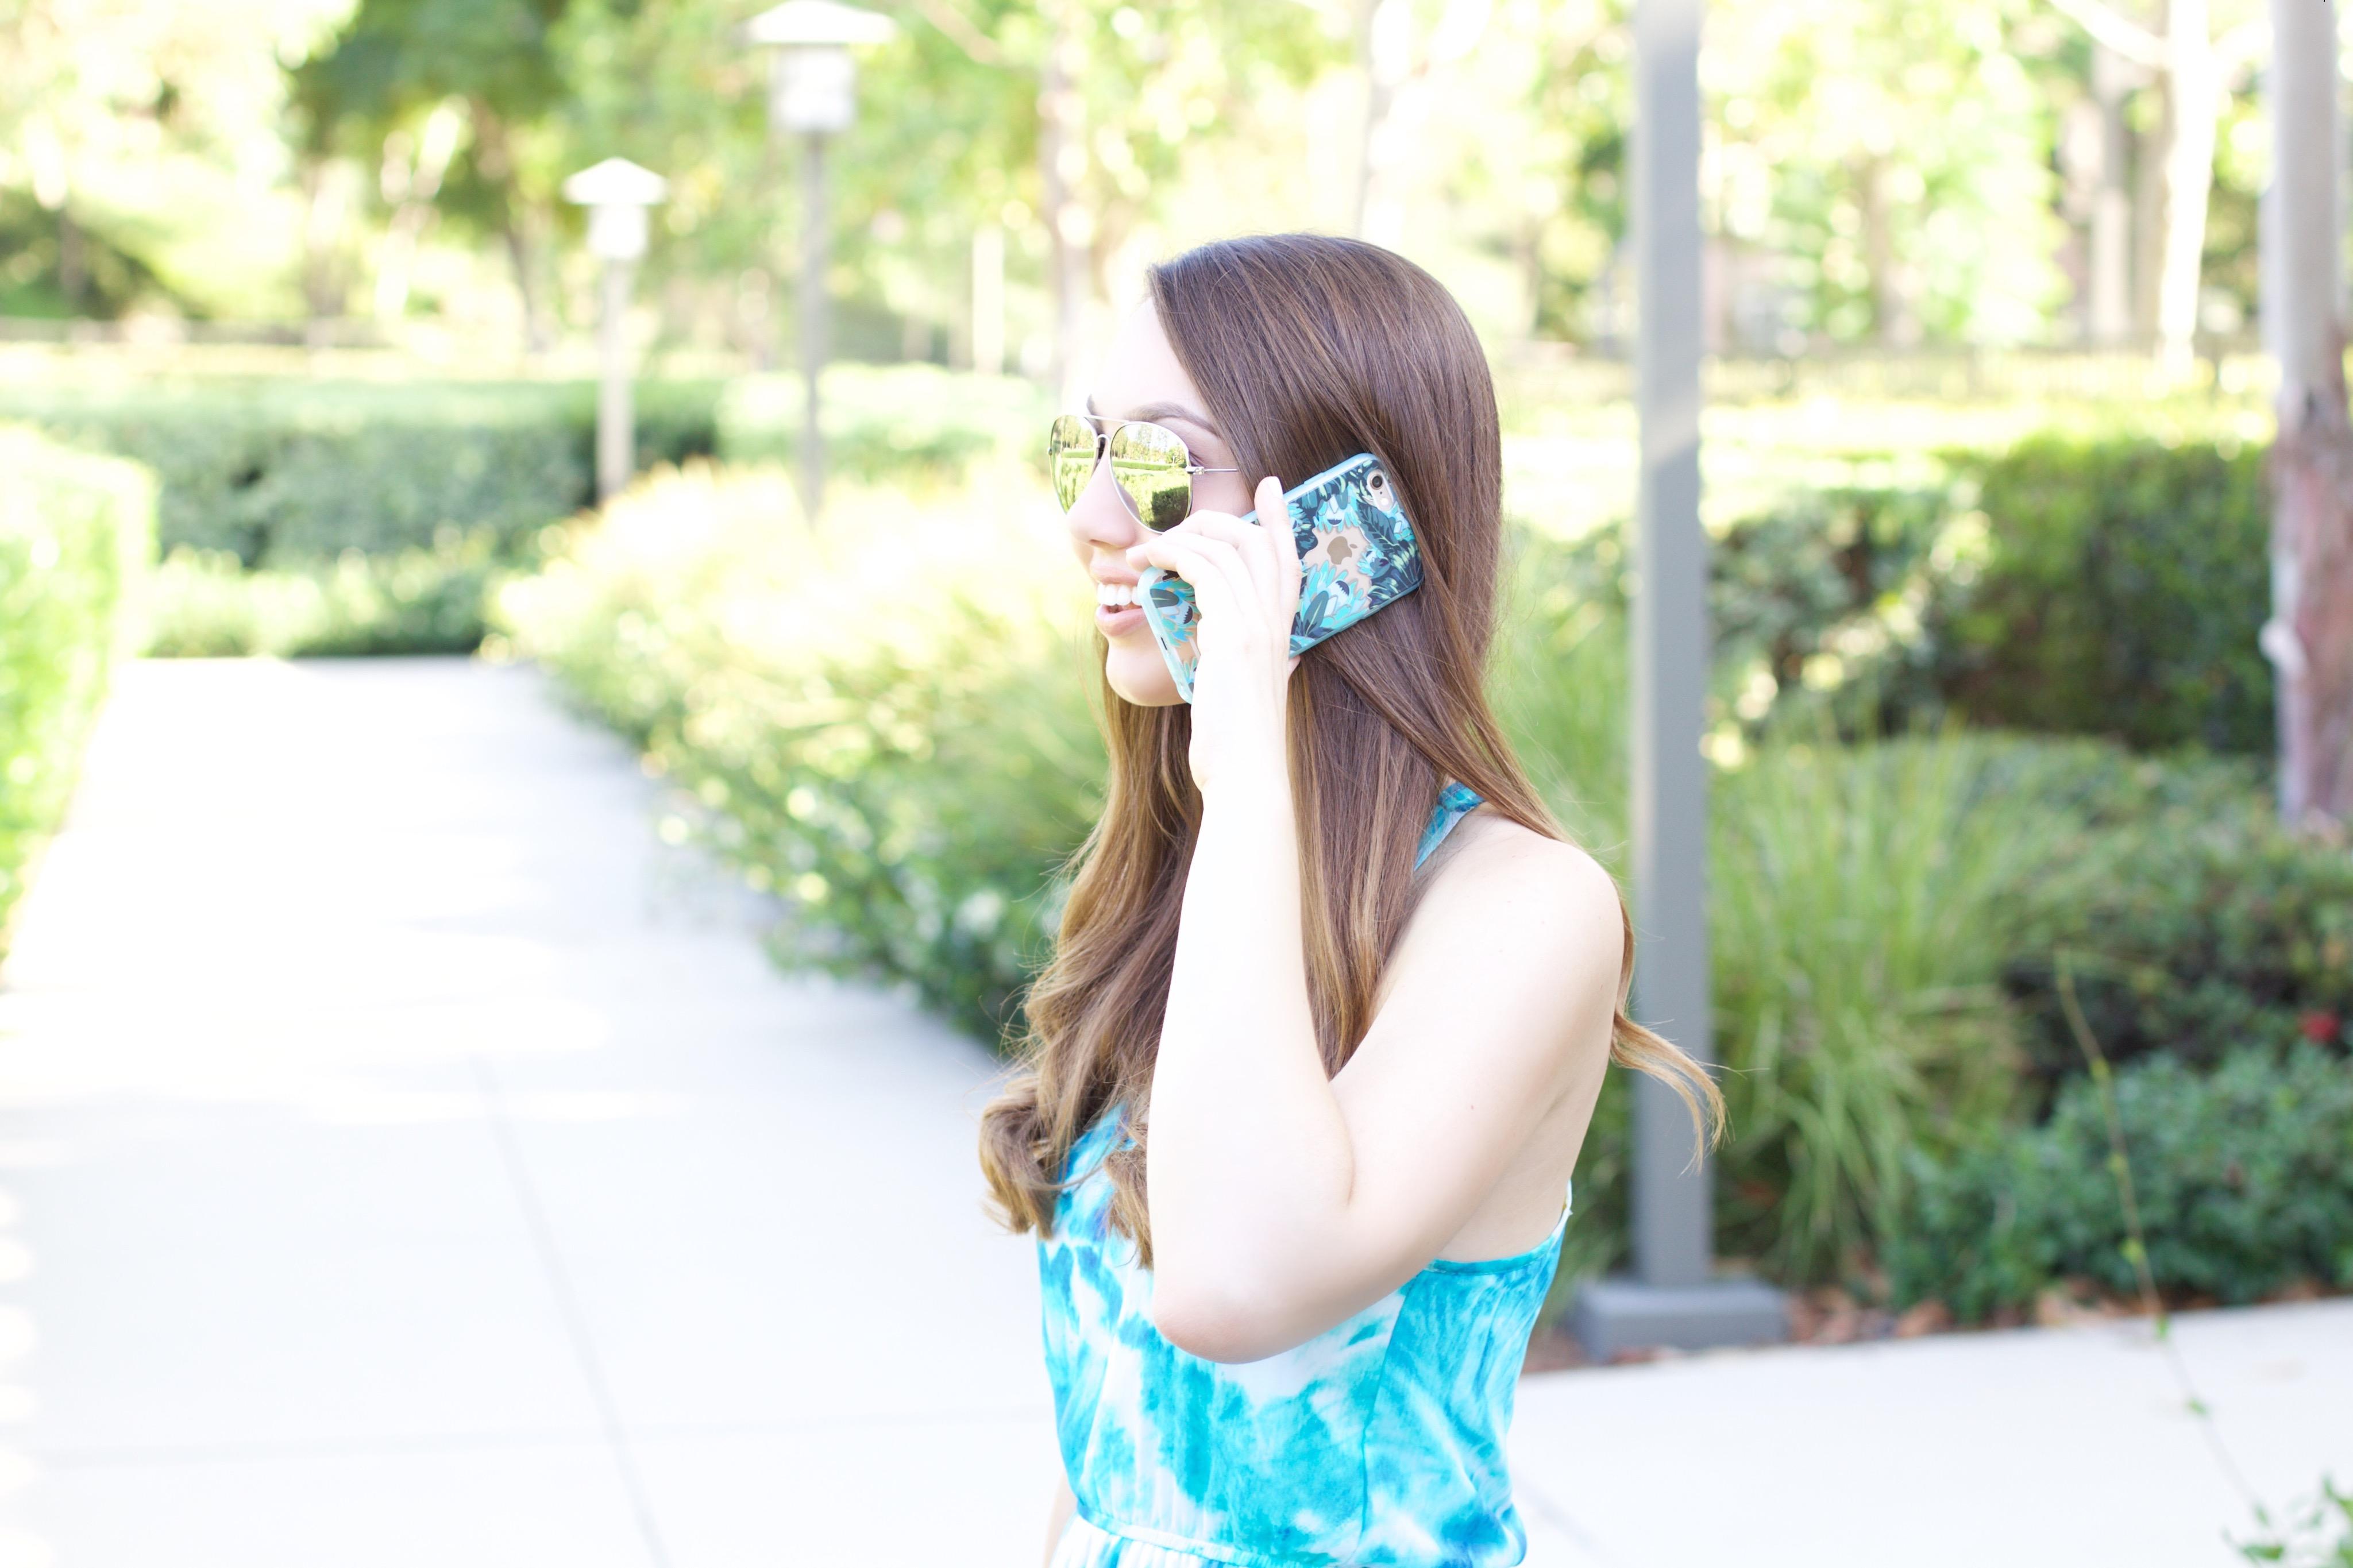 589e687e0b71 Summer Getaway Outfit Inspiration